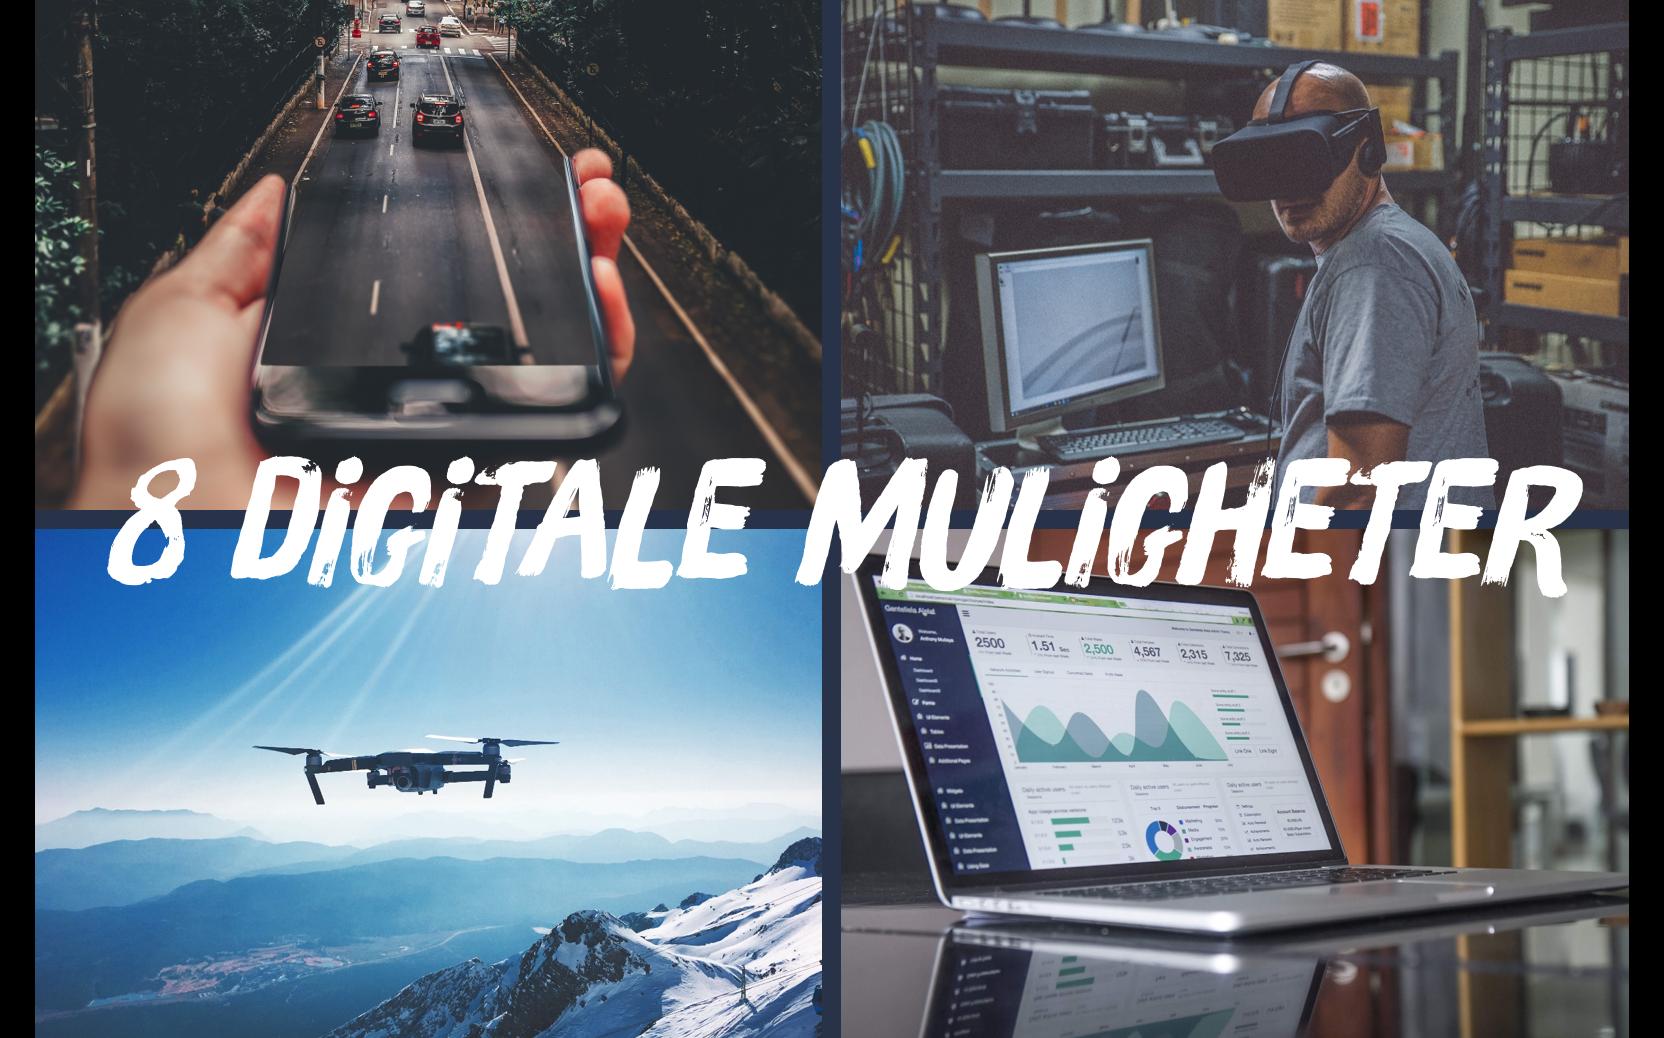 8 digitale muligheter